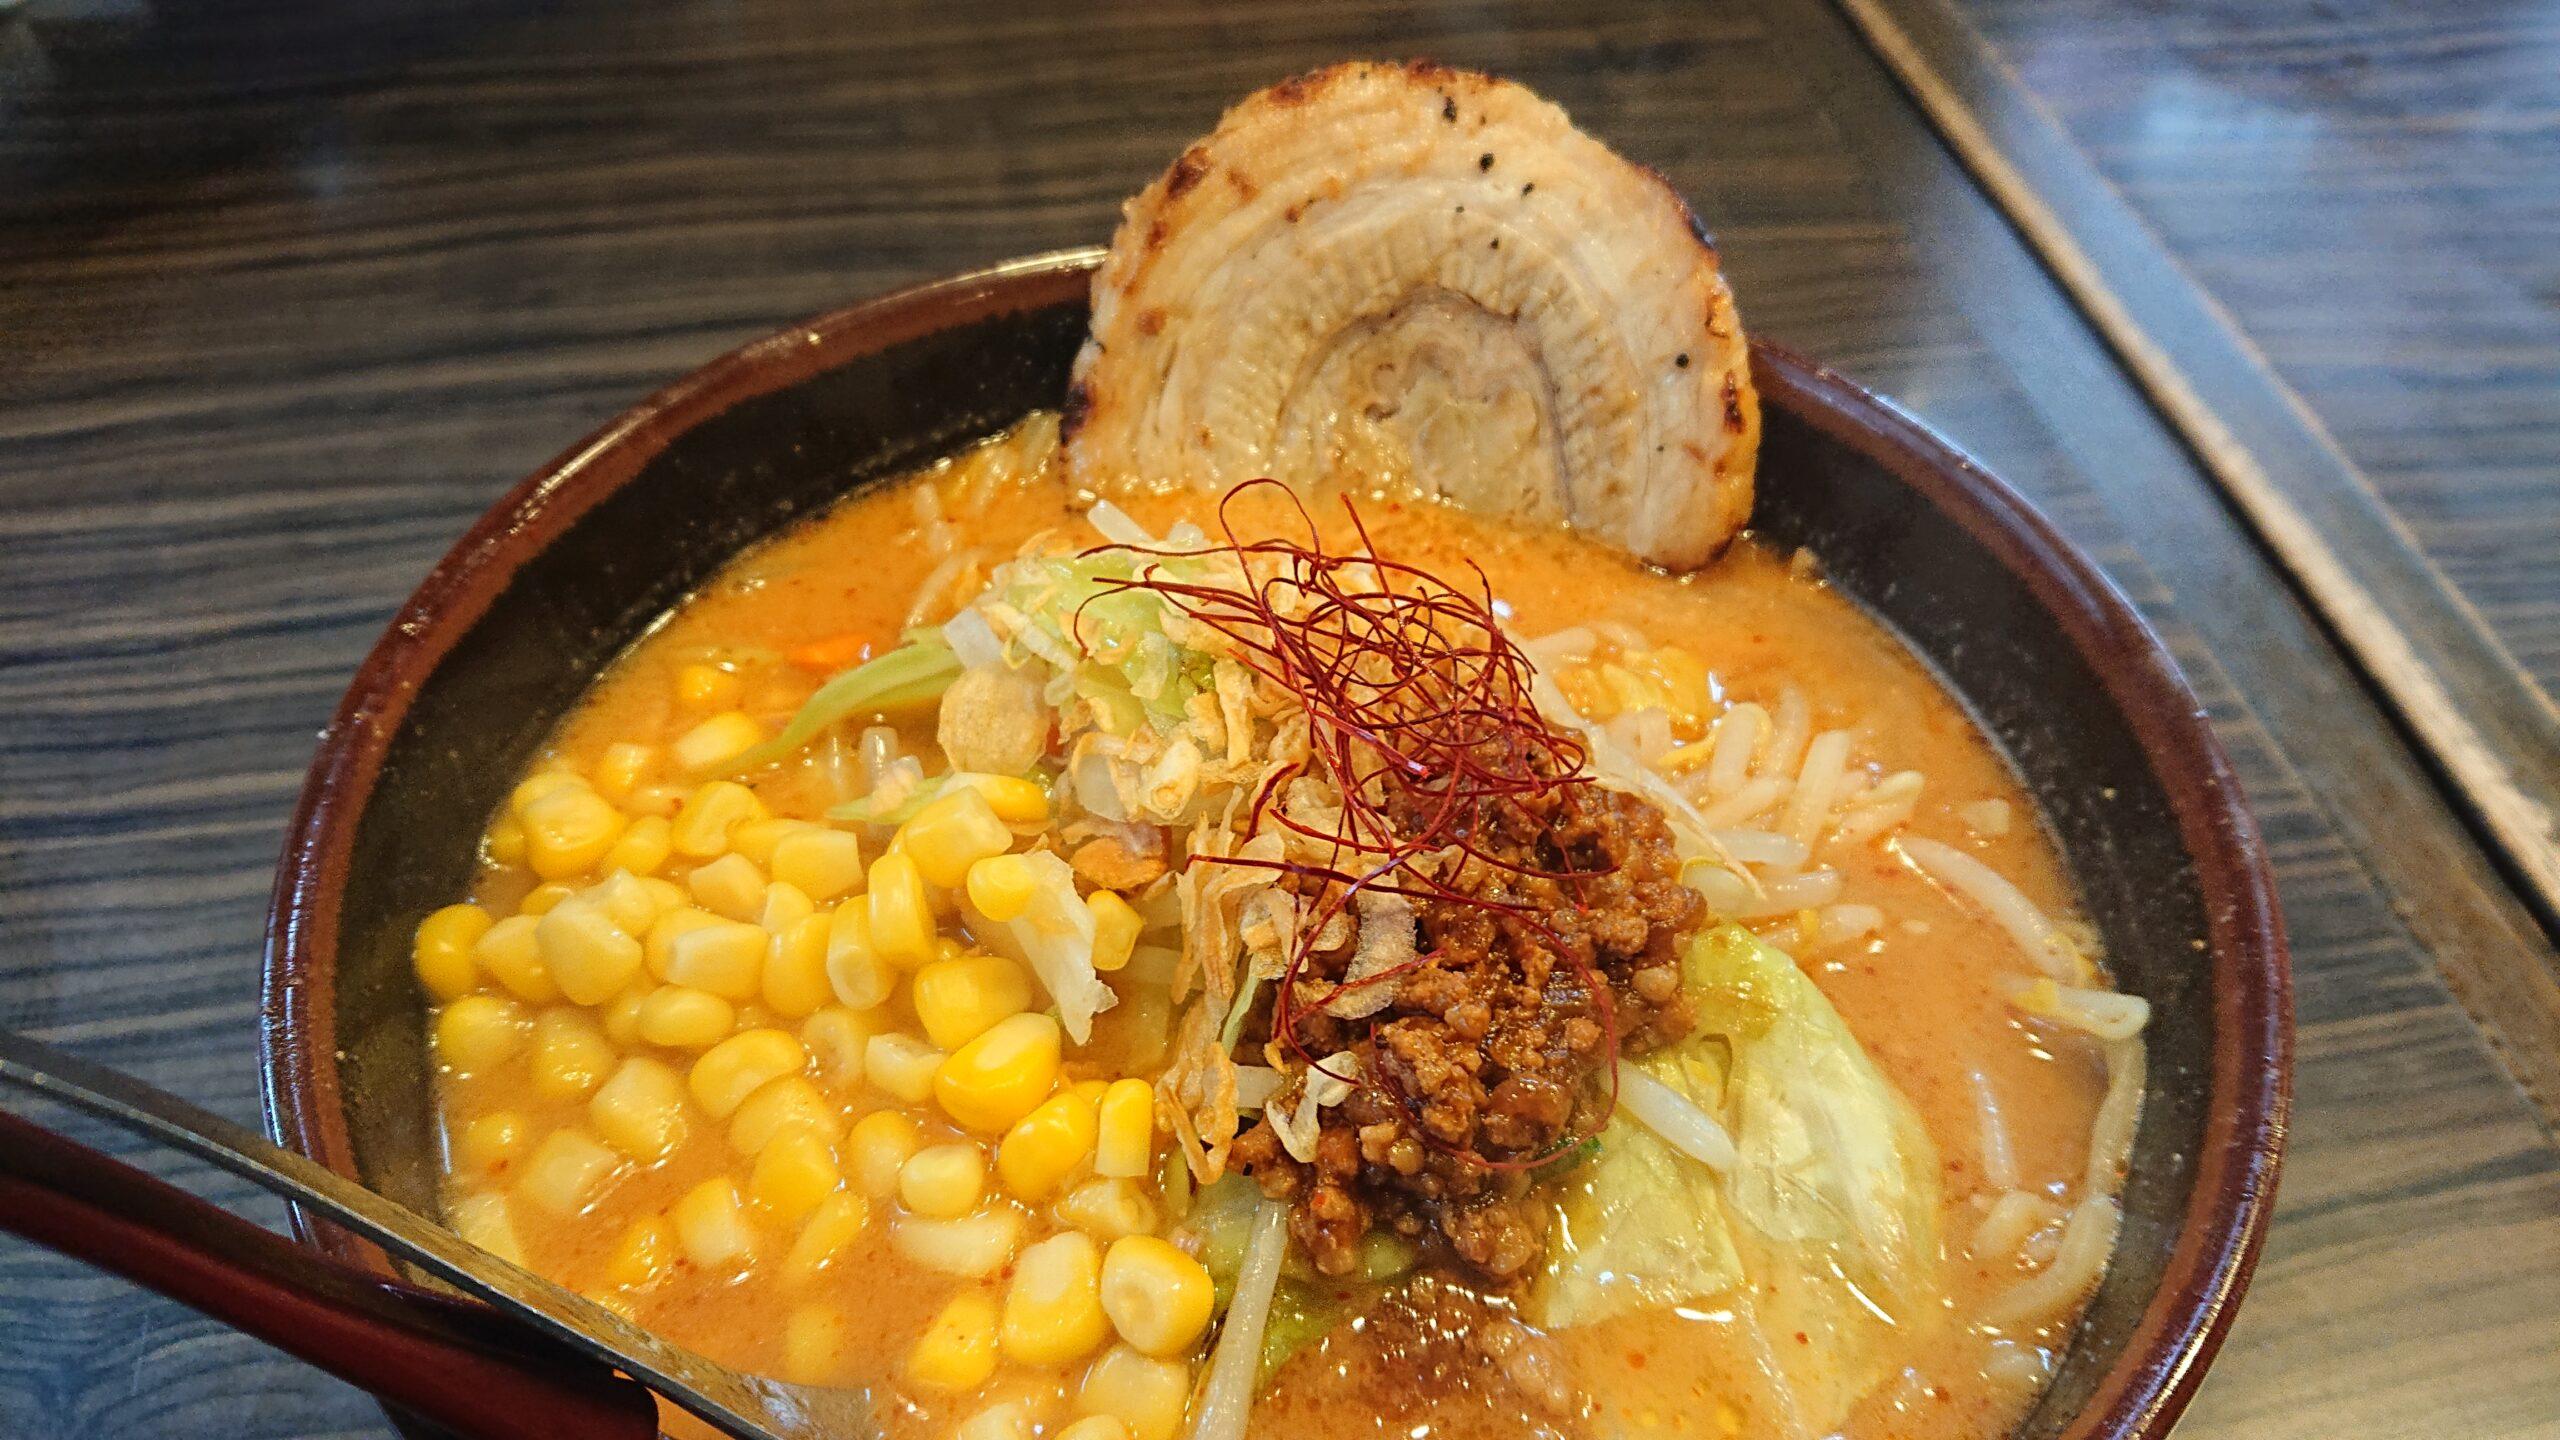 麺場田所商店船橋店の北海道辛味噌野菜ラーメンに炙りチャーシューとコーントッピング